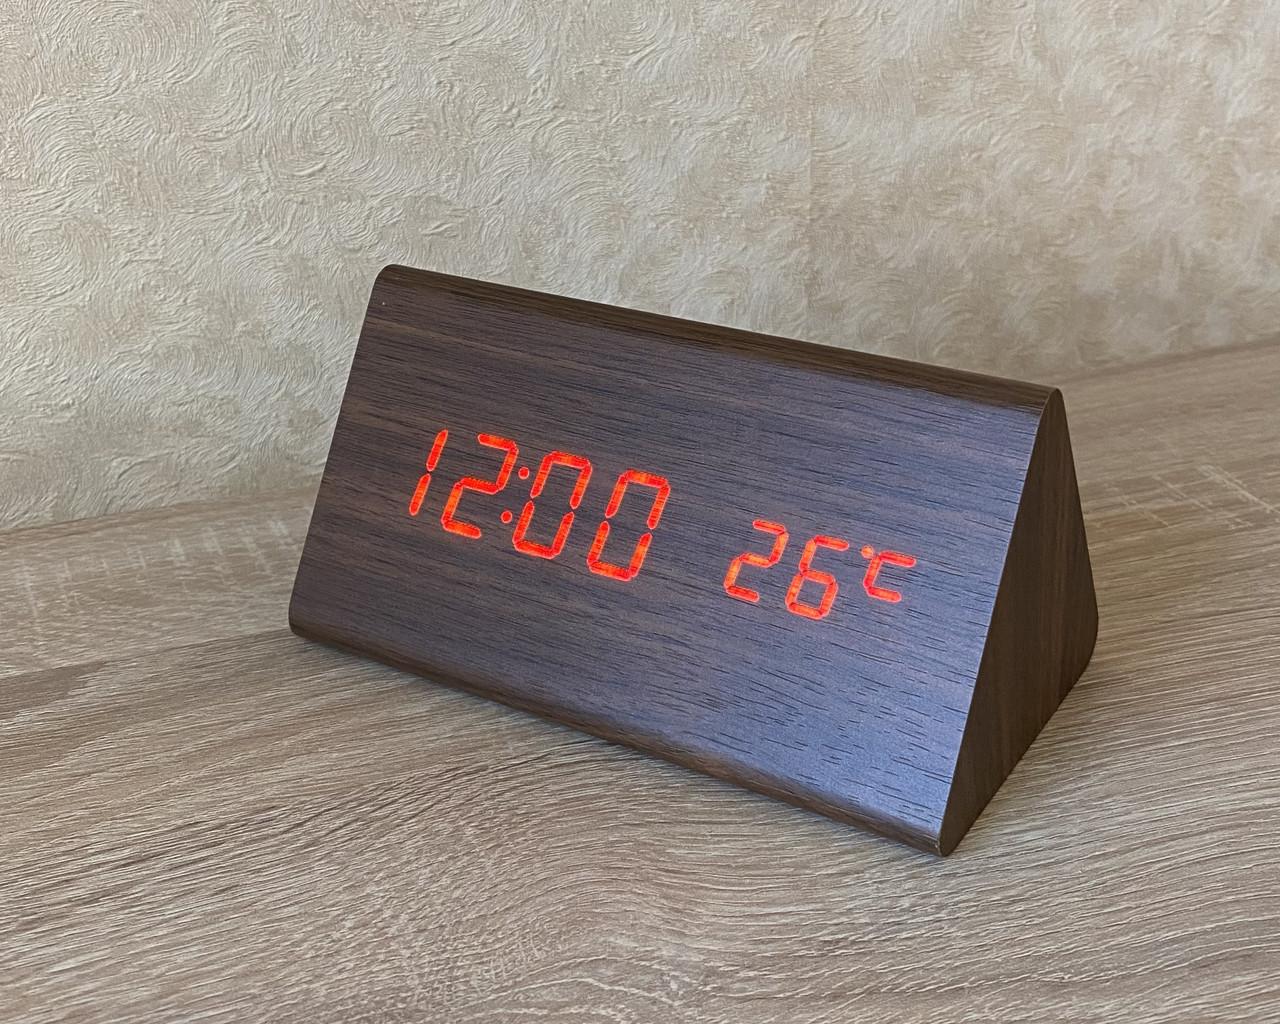 Электронные часы VST-861-1 коричневый корпус с красными цифрами